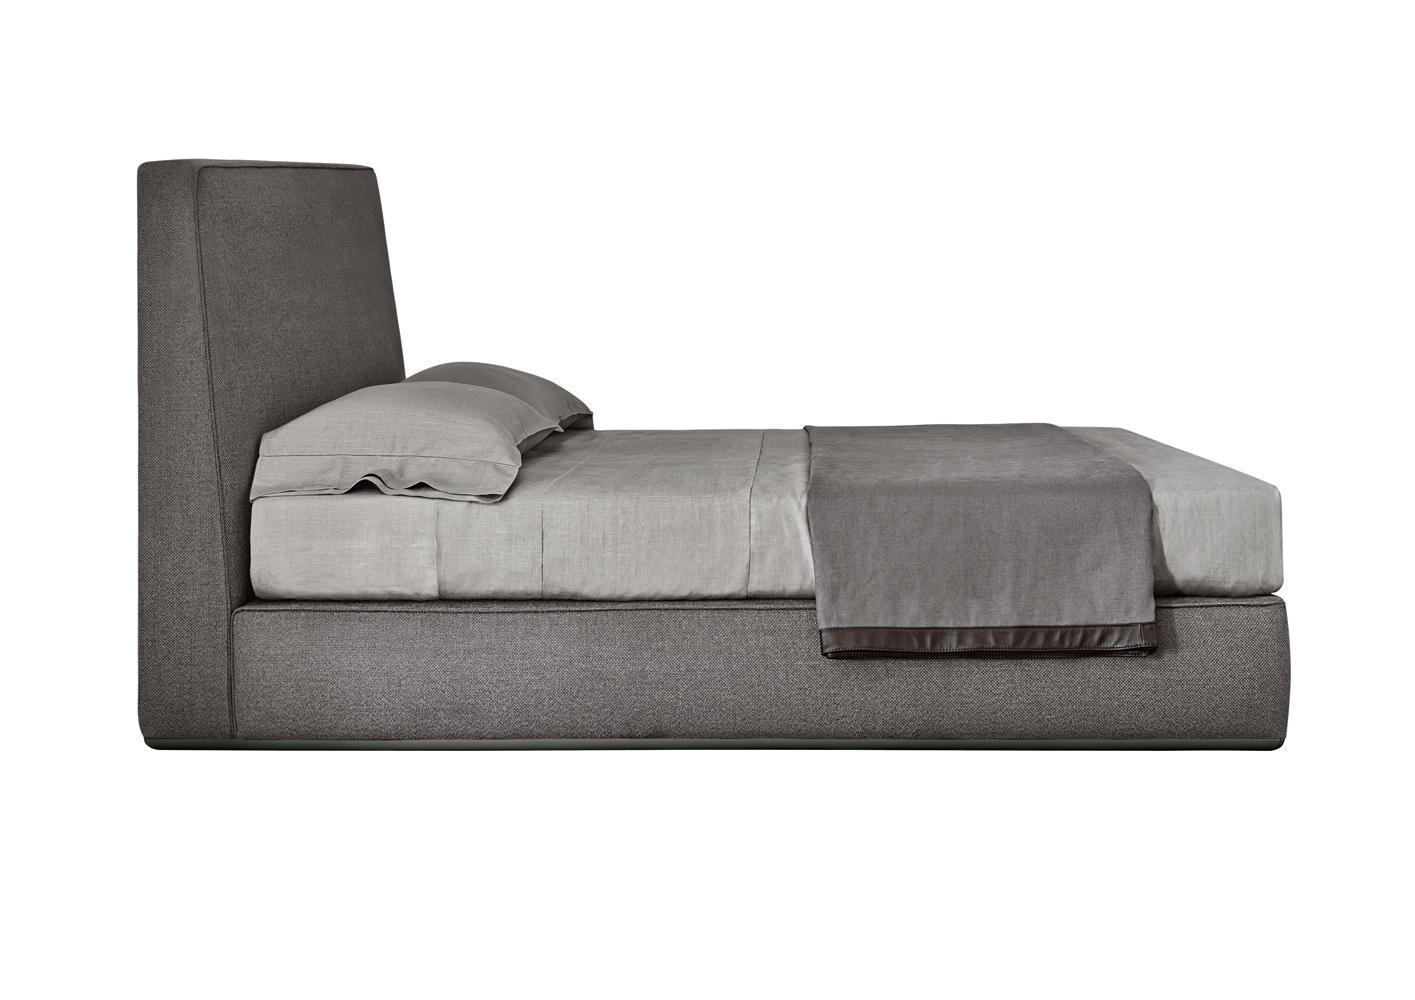 Powell bed di minotti letti co arredamento mollura home design - Meubles minotti ...